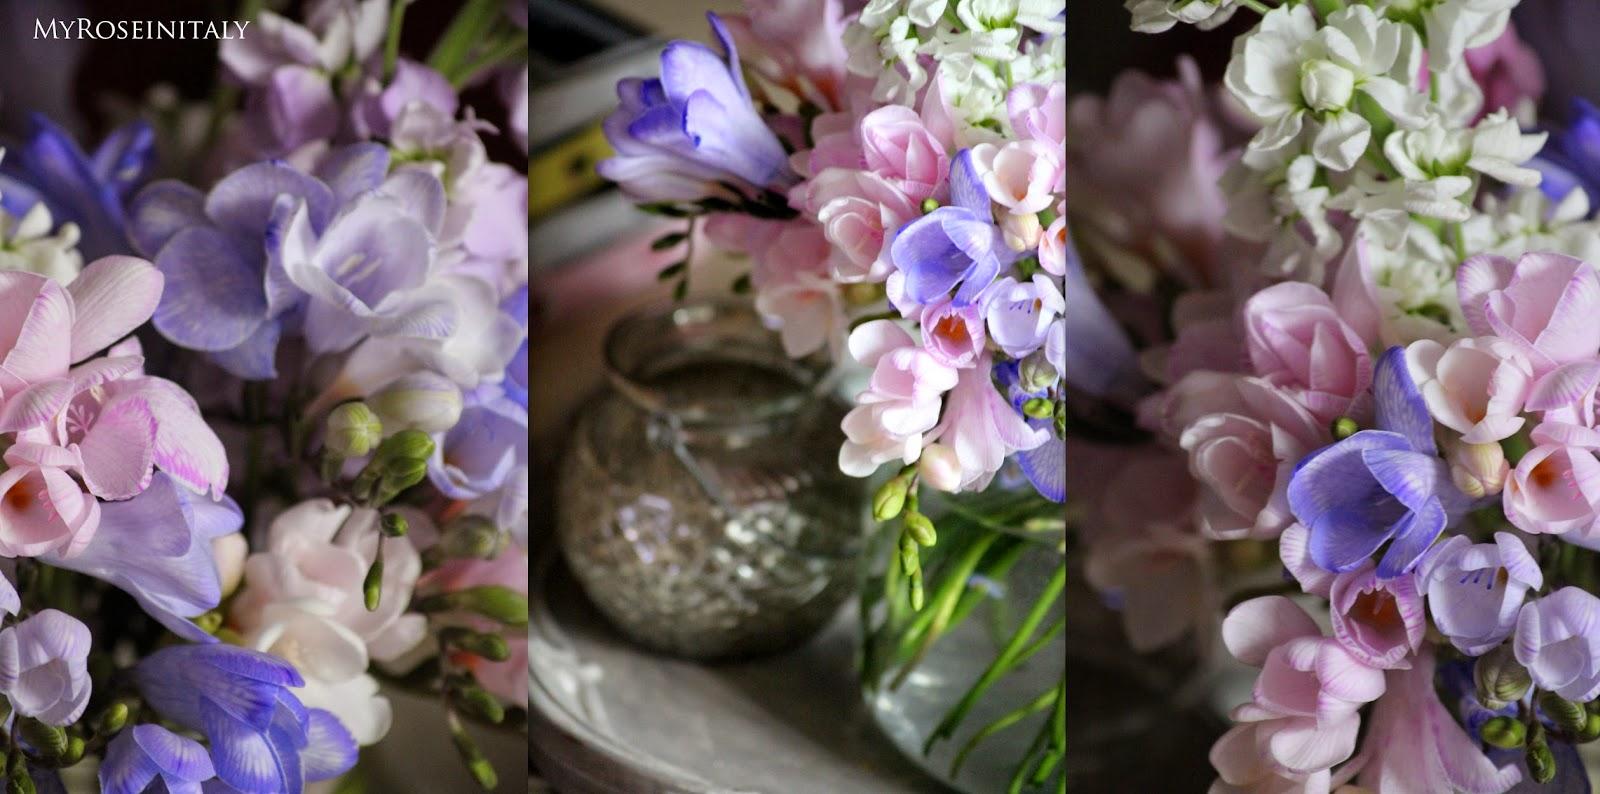 Fiori di primavera immagini for Fiori immagini e nomi